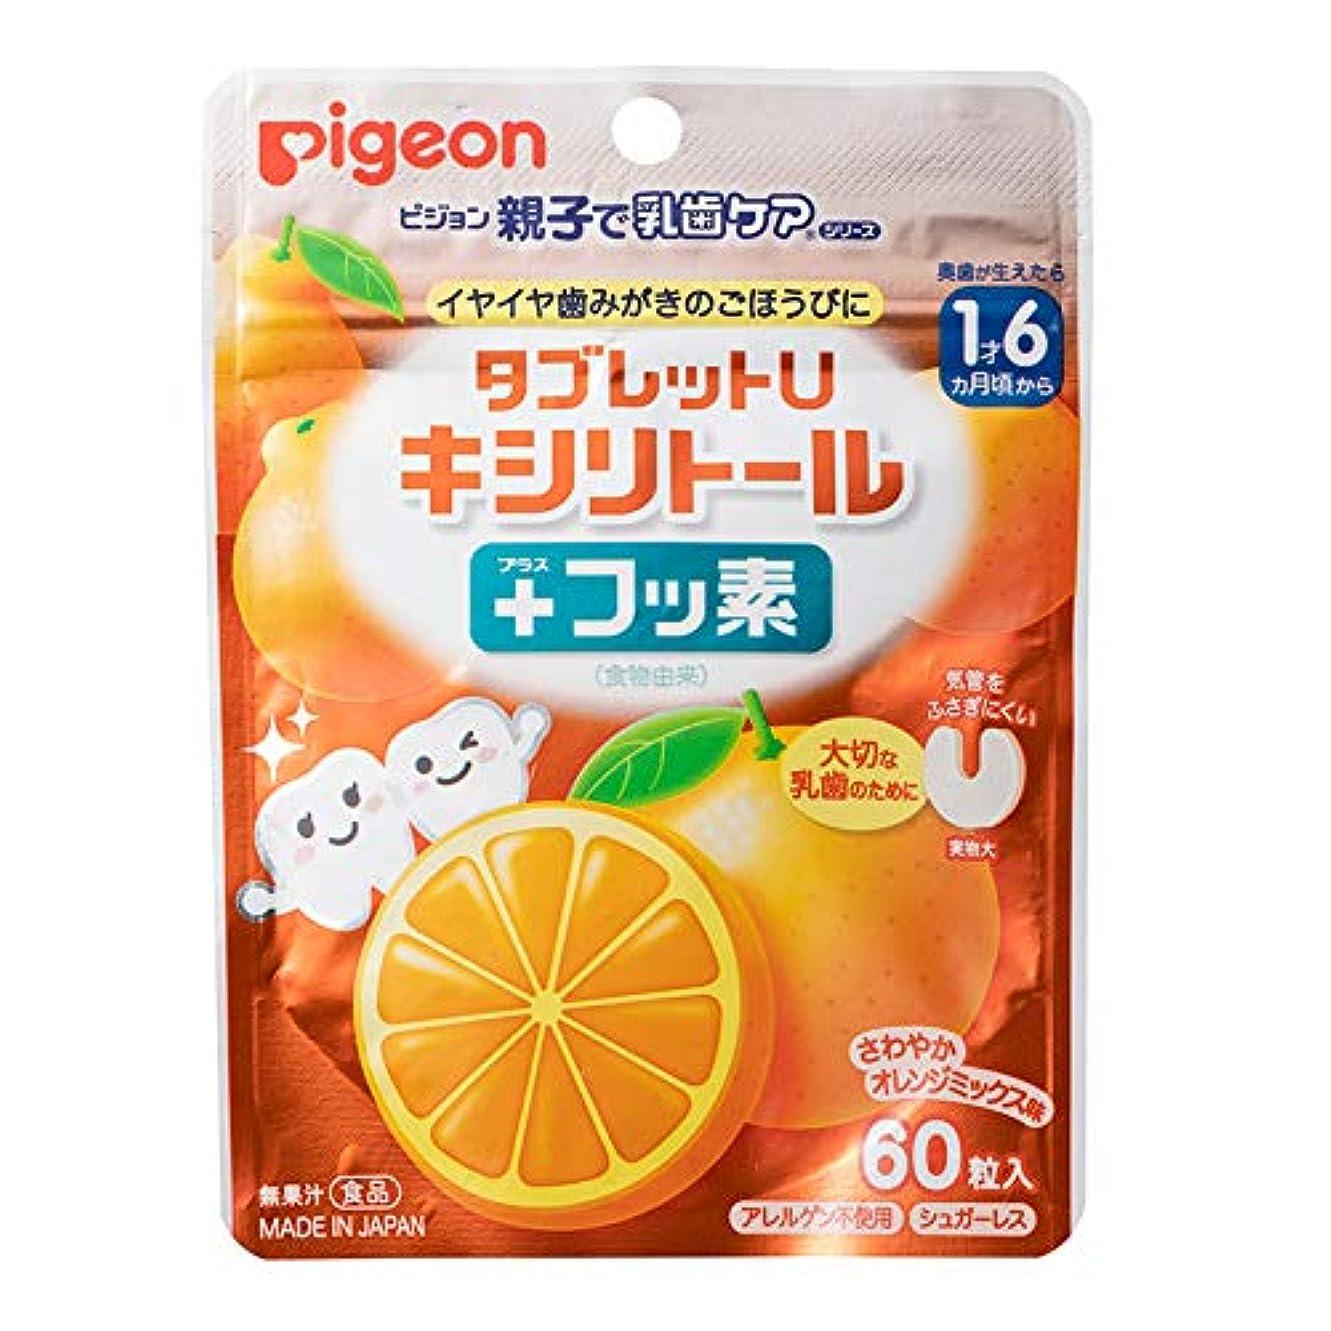 パターン残高戦術ピジョン(Pigeon) タブレットUキシリトール+フッ素 オレンジミックス味60粒入 アレルゲン不使用 シュガーレス 【1歳6ヵ月頃から】